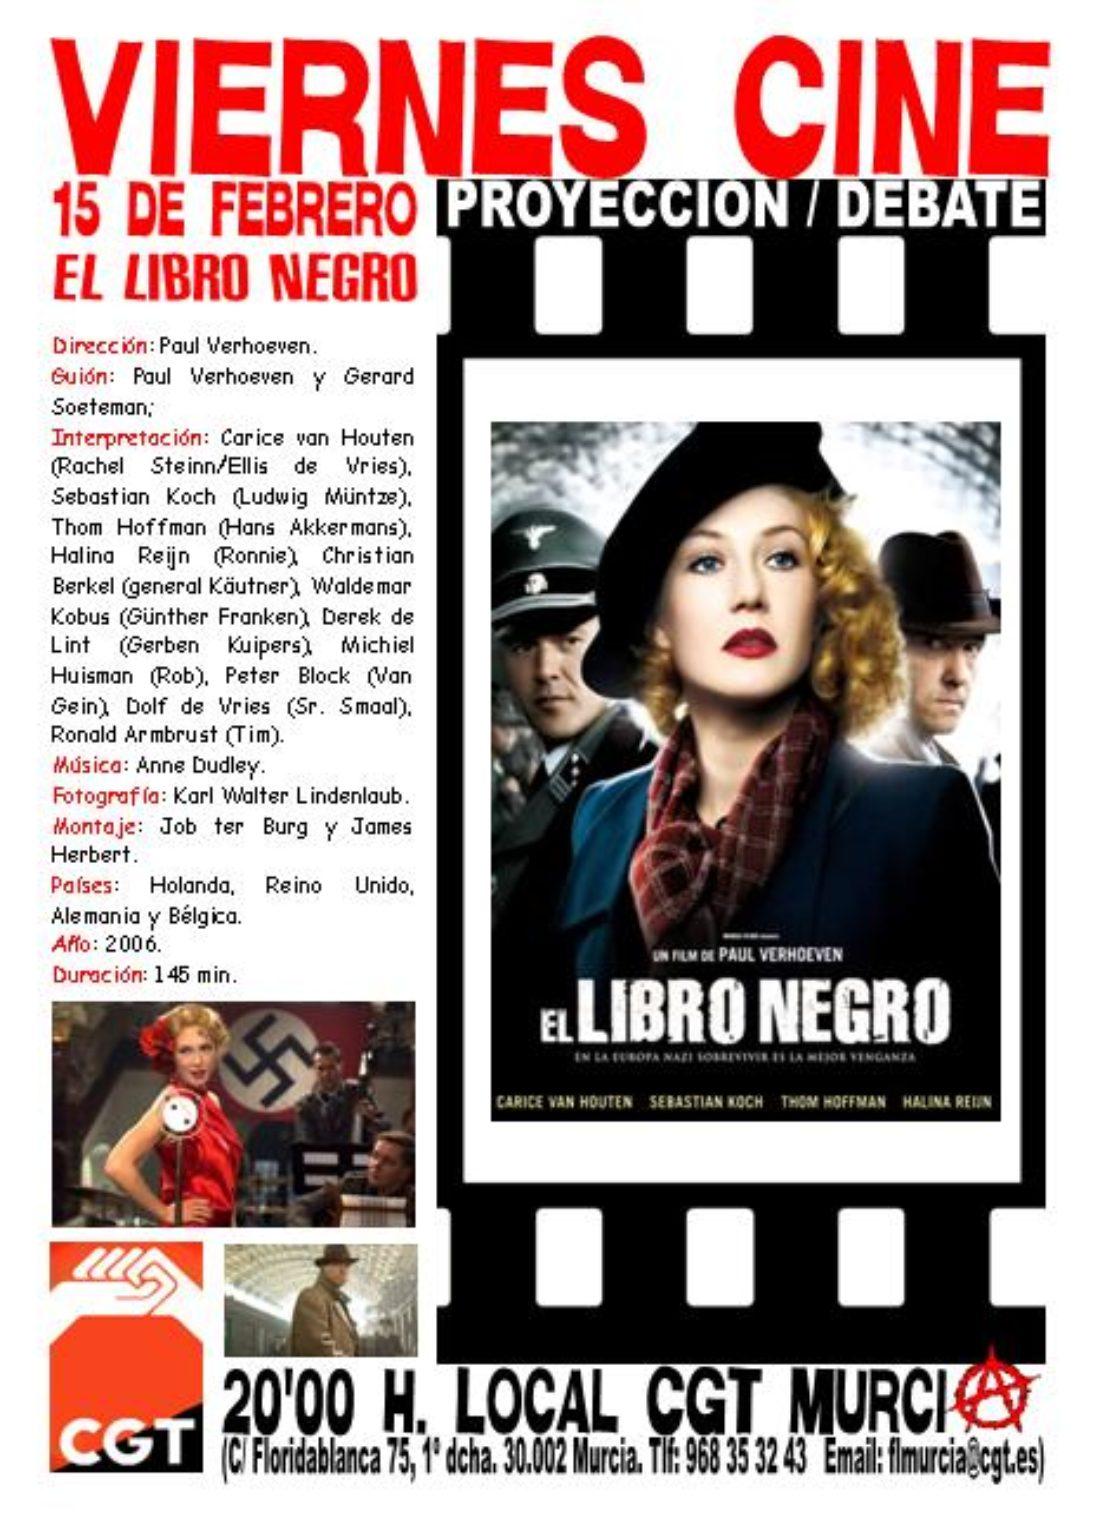 VIERNES CINE. Este 15 de febrero EL LIBRO NEGRO a las 20'00 h. en el local de CGT en Murcia